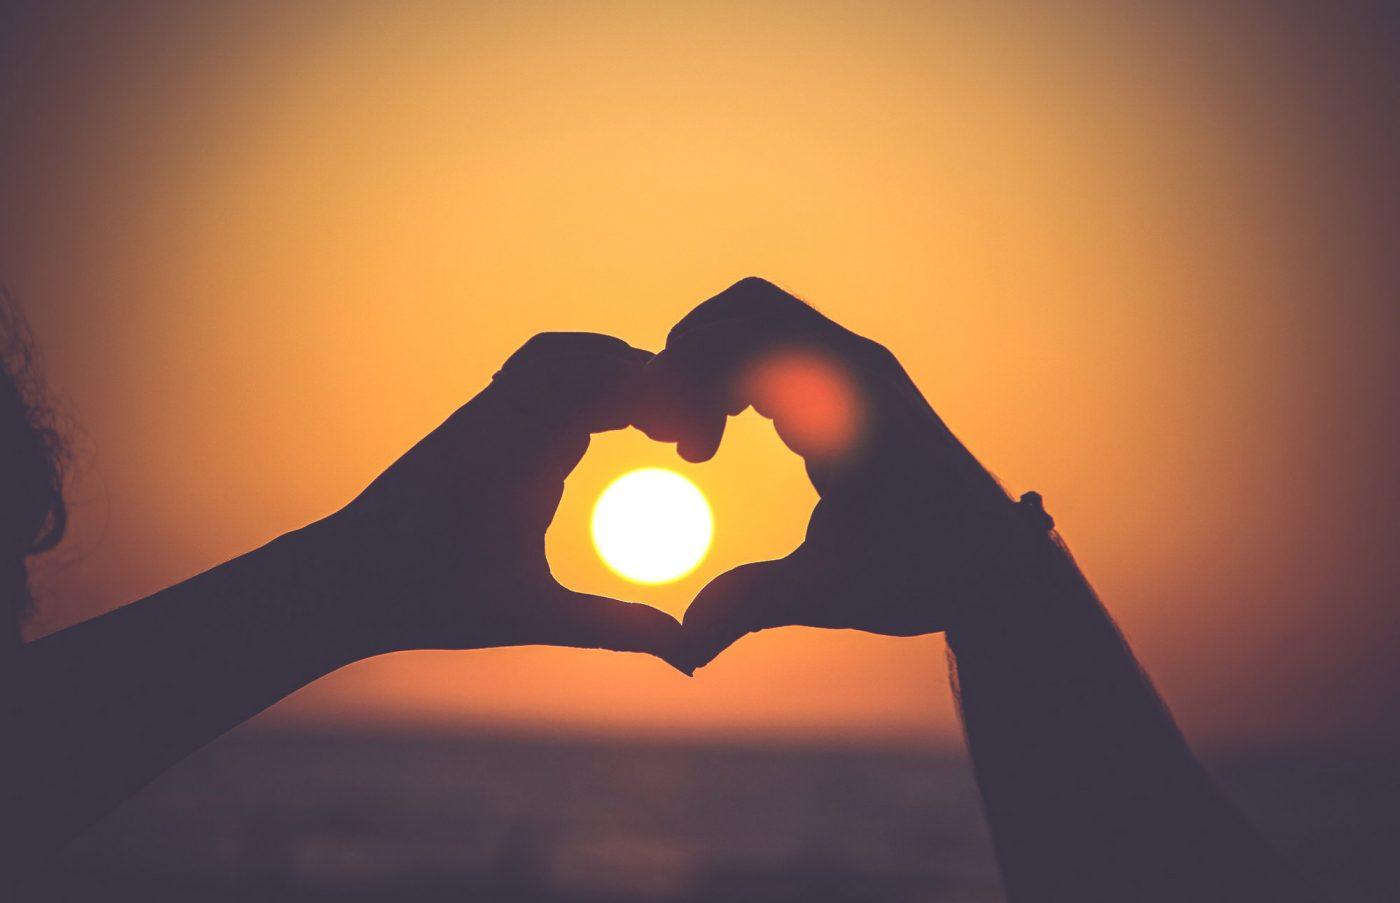 Zwei Hände vor einem Sonnenuntergang zu einem Herz geformt.